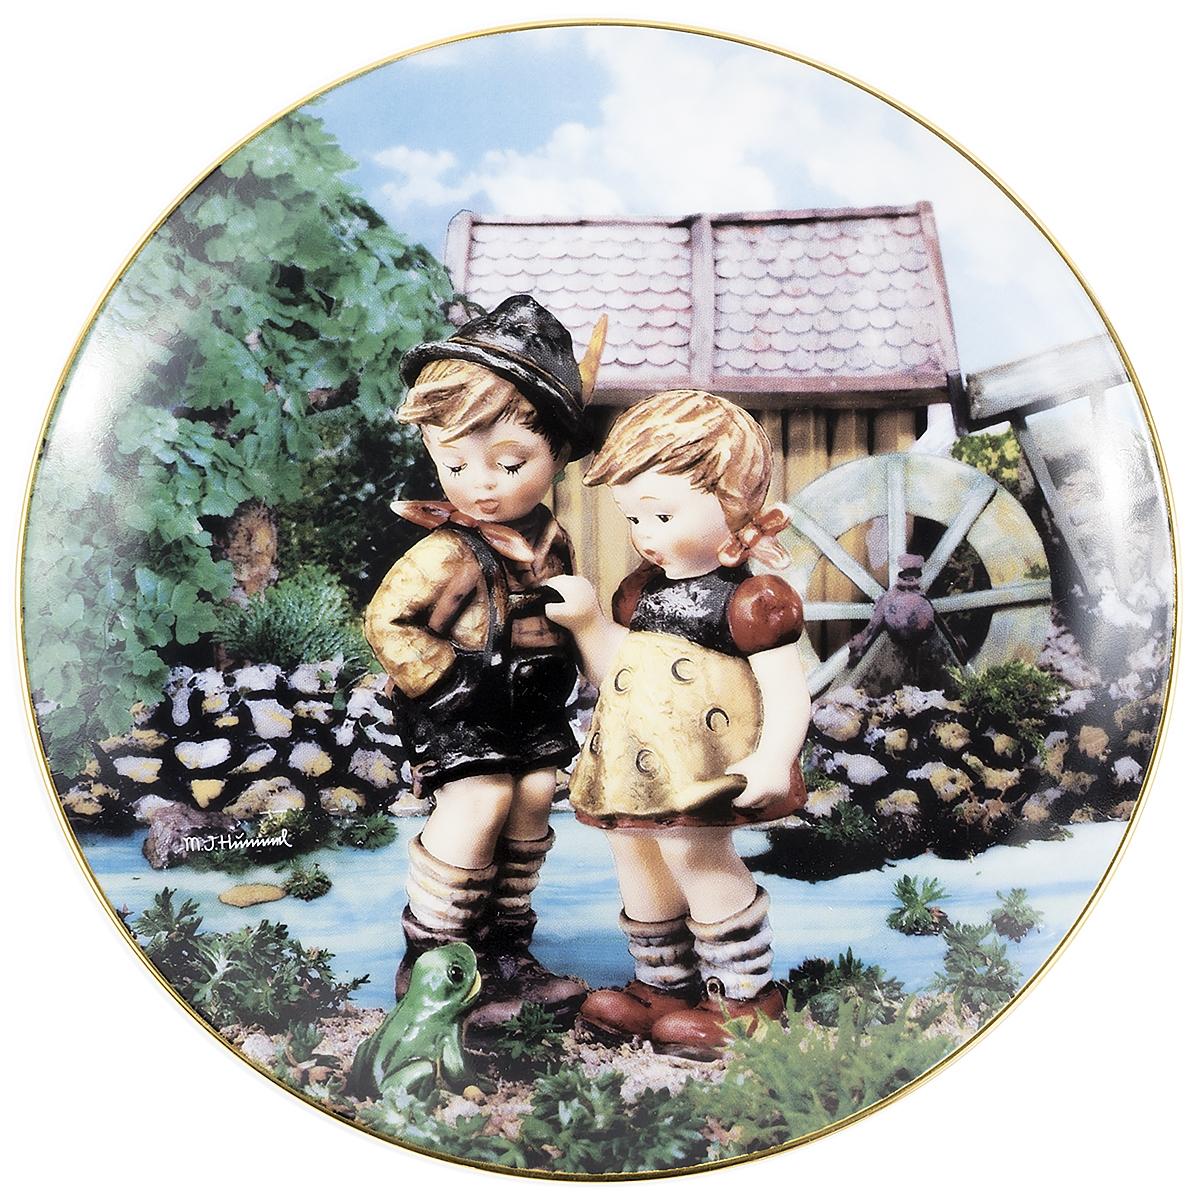 Декоративная тарелка Goebel Привет там внизу. Фарфор, деколь, золочение. Швейцария, вторая половина ХХ века декоративная тарелка goebel сюрприз фарфор деколь золочение швейцария вторая половина хх века